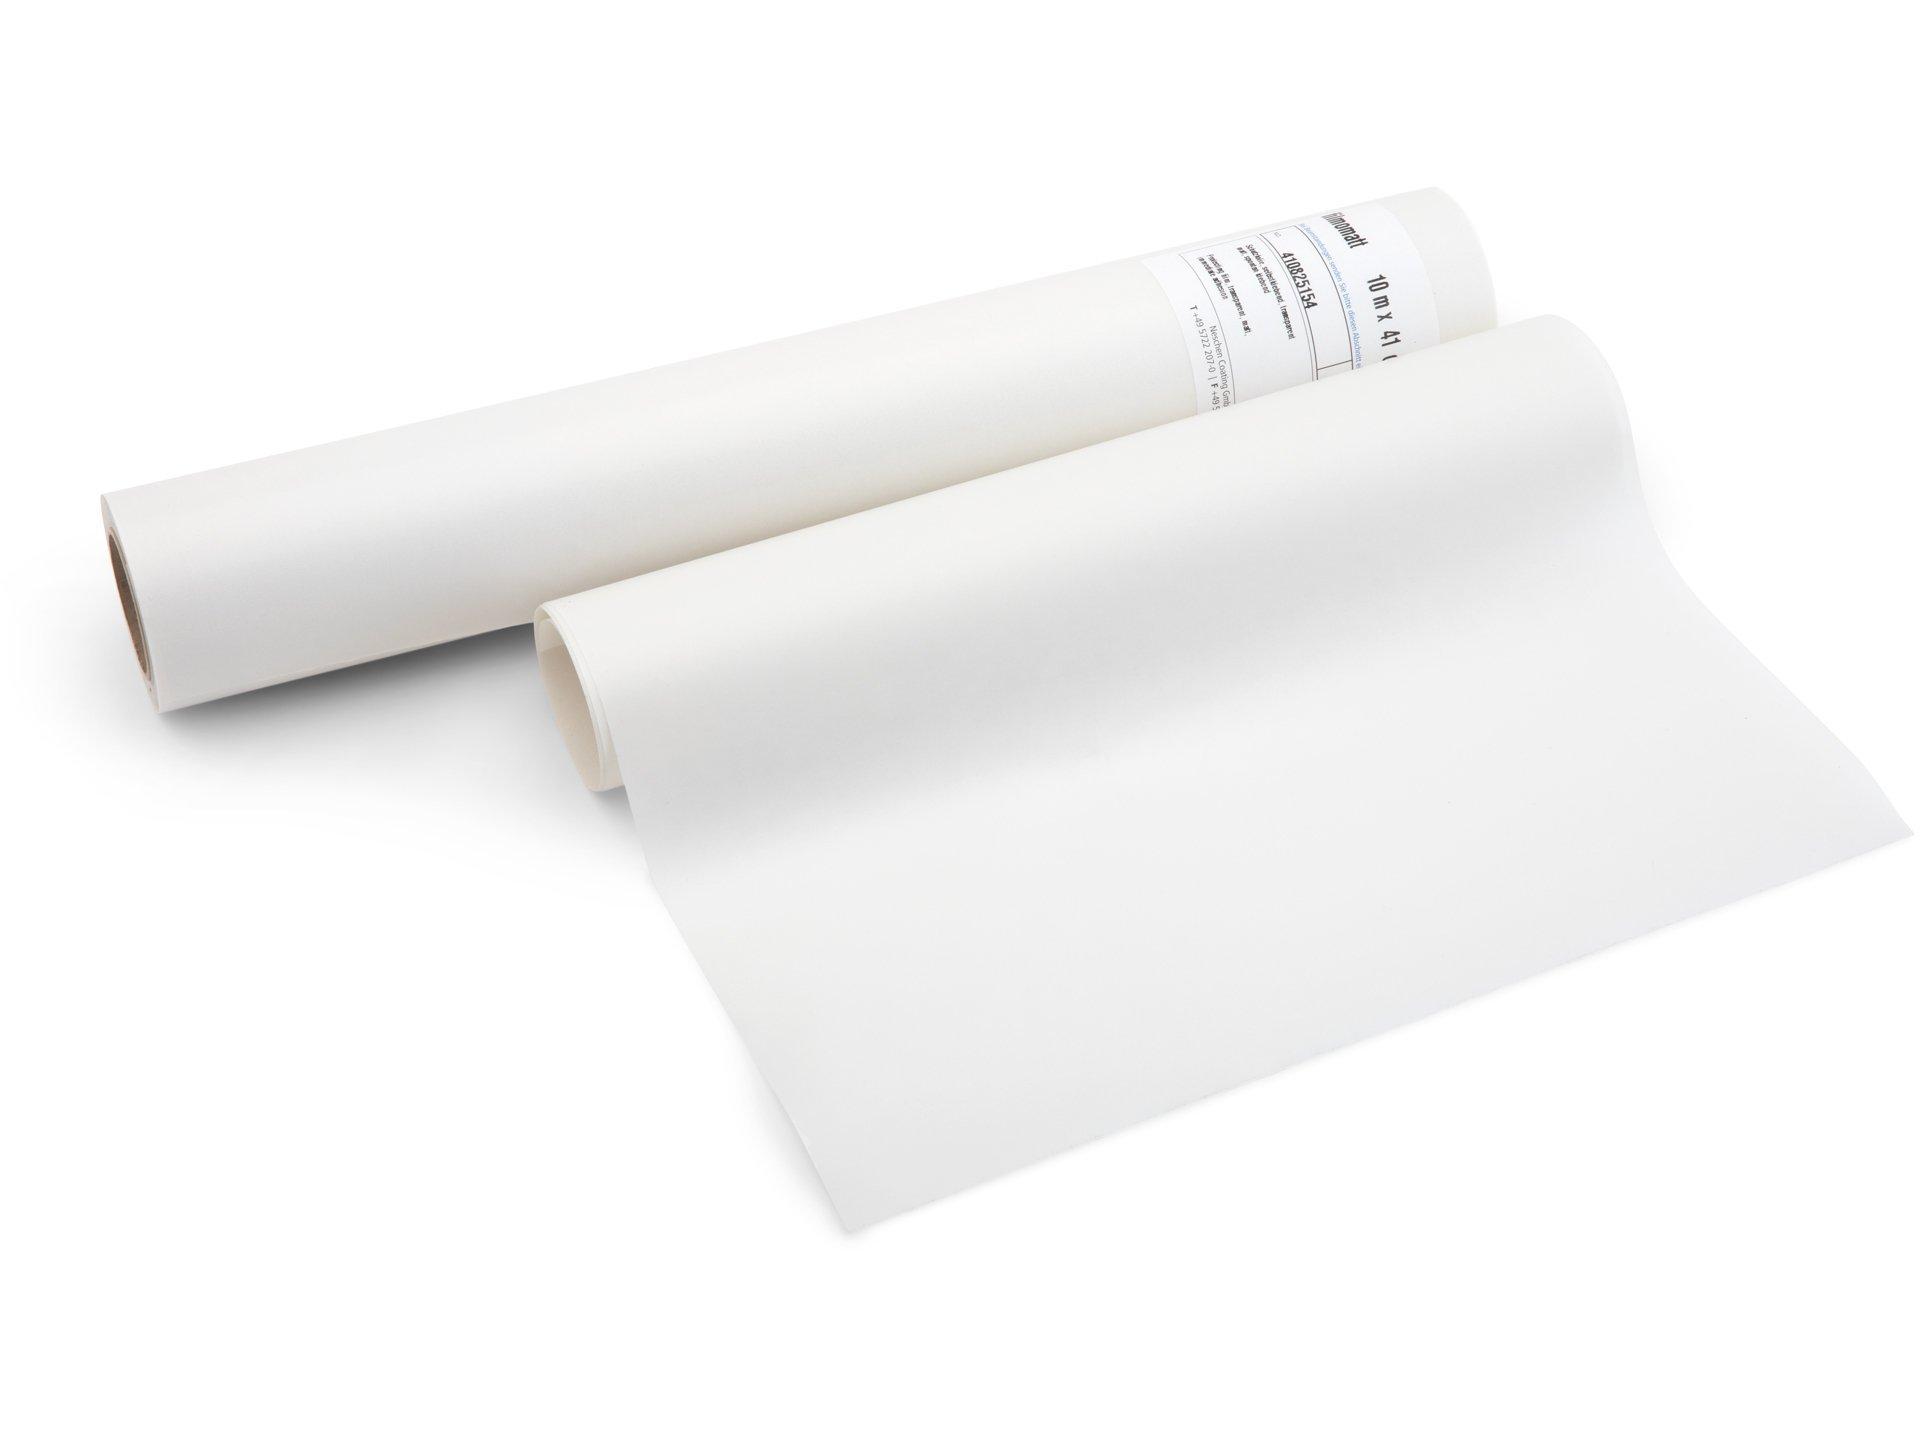 Filmomatt bucheinband klebefolie matt kaufen modulor for Klebefolie abwaschbar